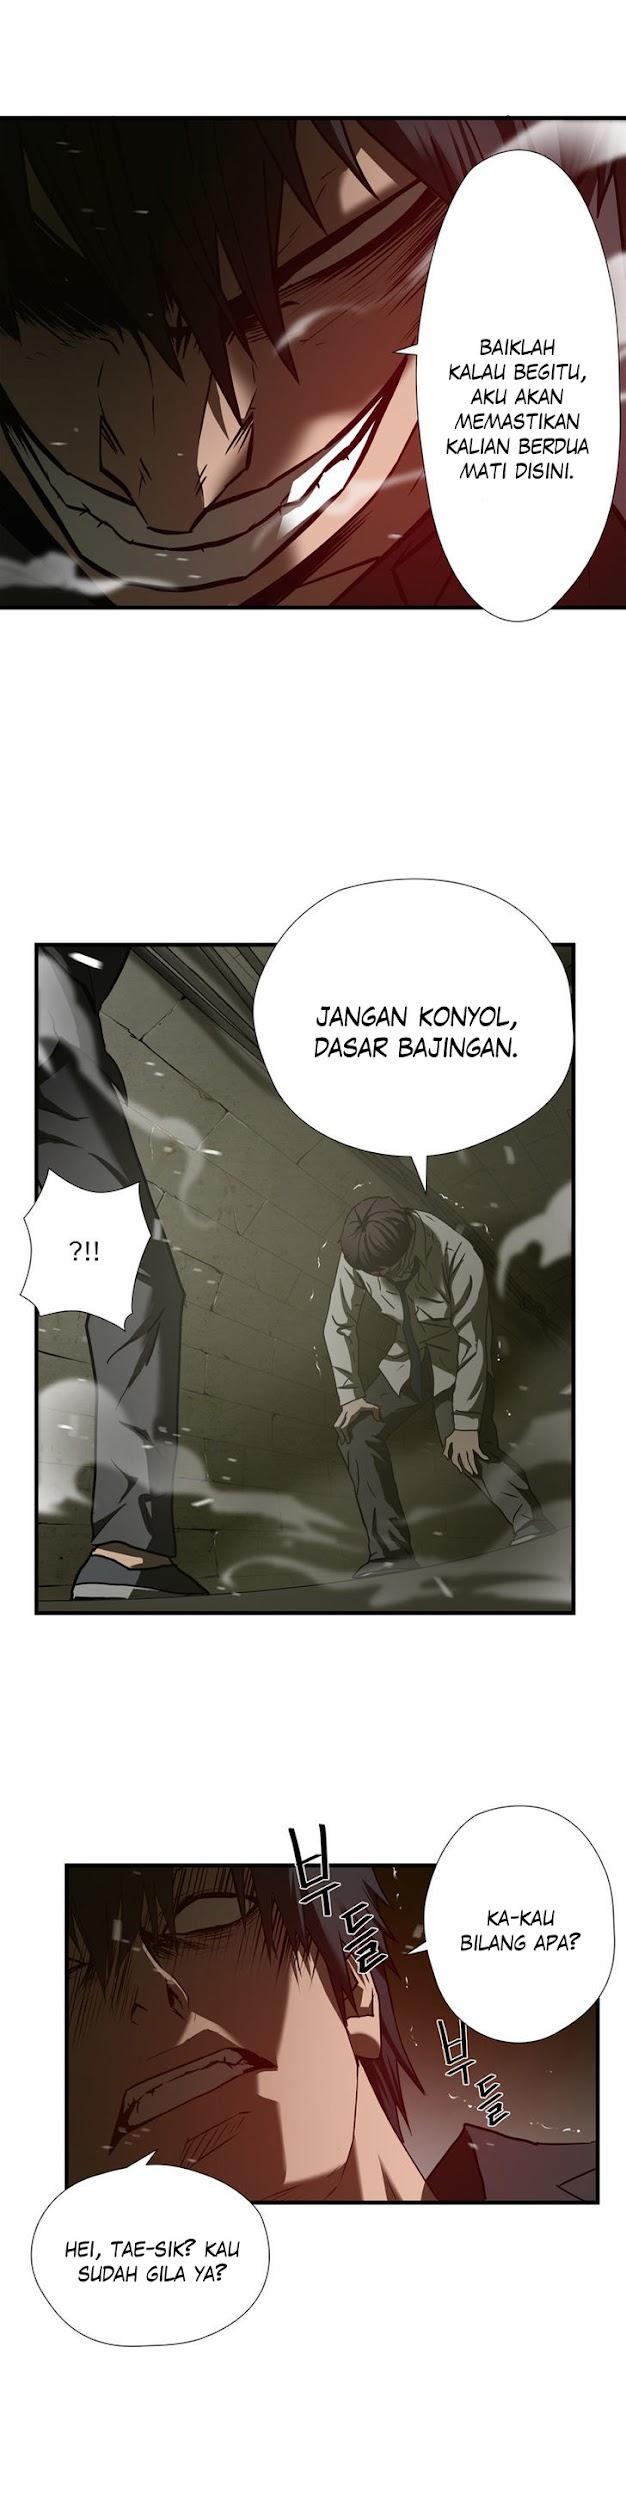 Dilarang COPAS - situs resmi www.mangacanblog.com - Komik greatest outcast 040 - chapter 40 41 Indonesia greatest outcast 040 - chapter 40 Terbaru 15|Baca Manga Komik Indonesia|Mangacan